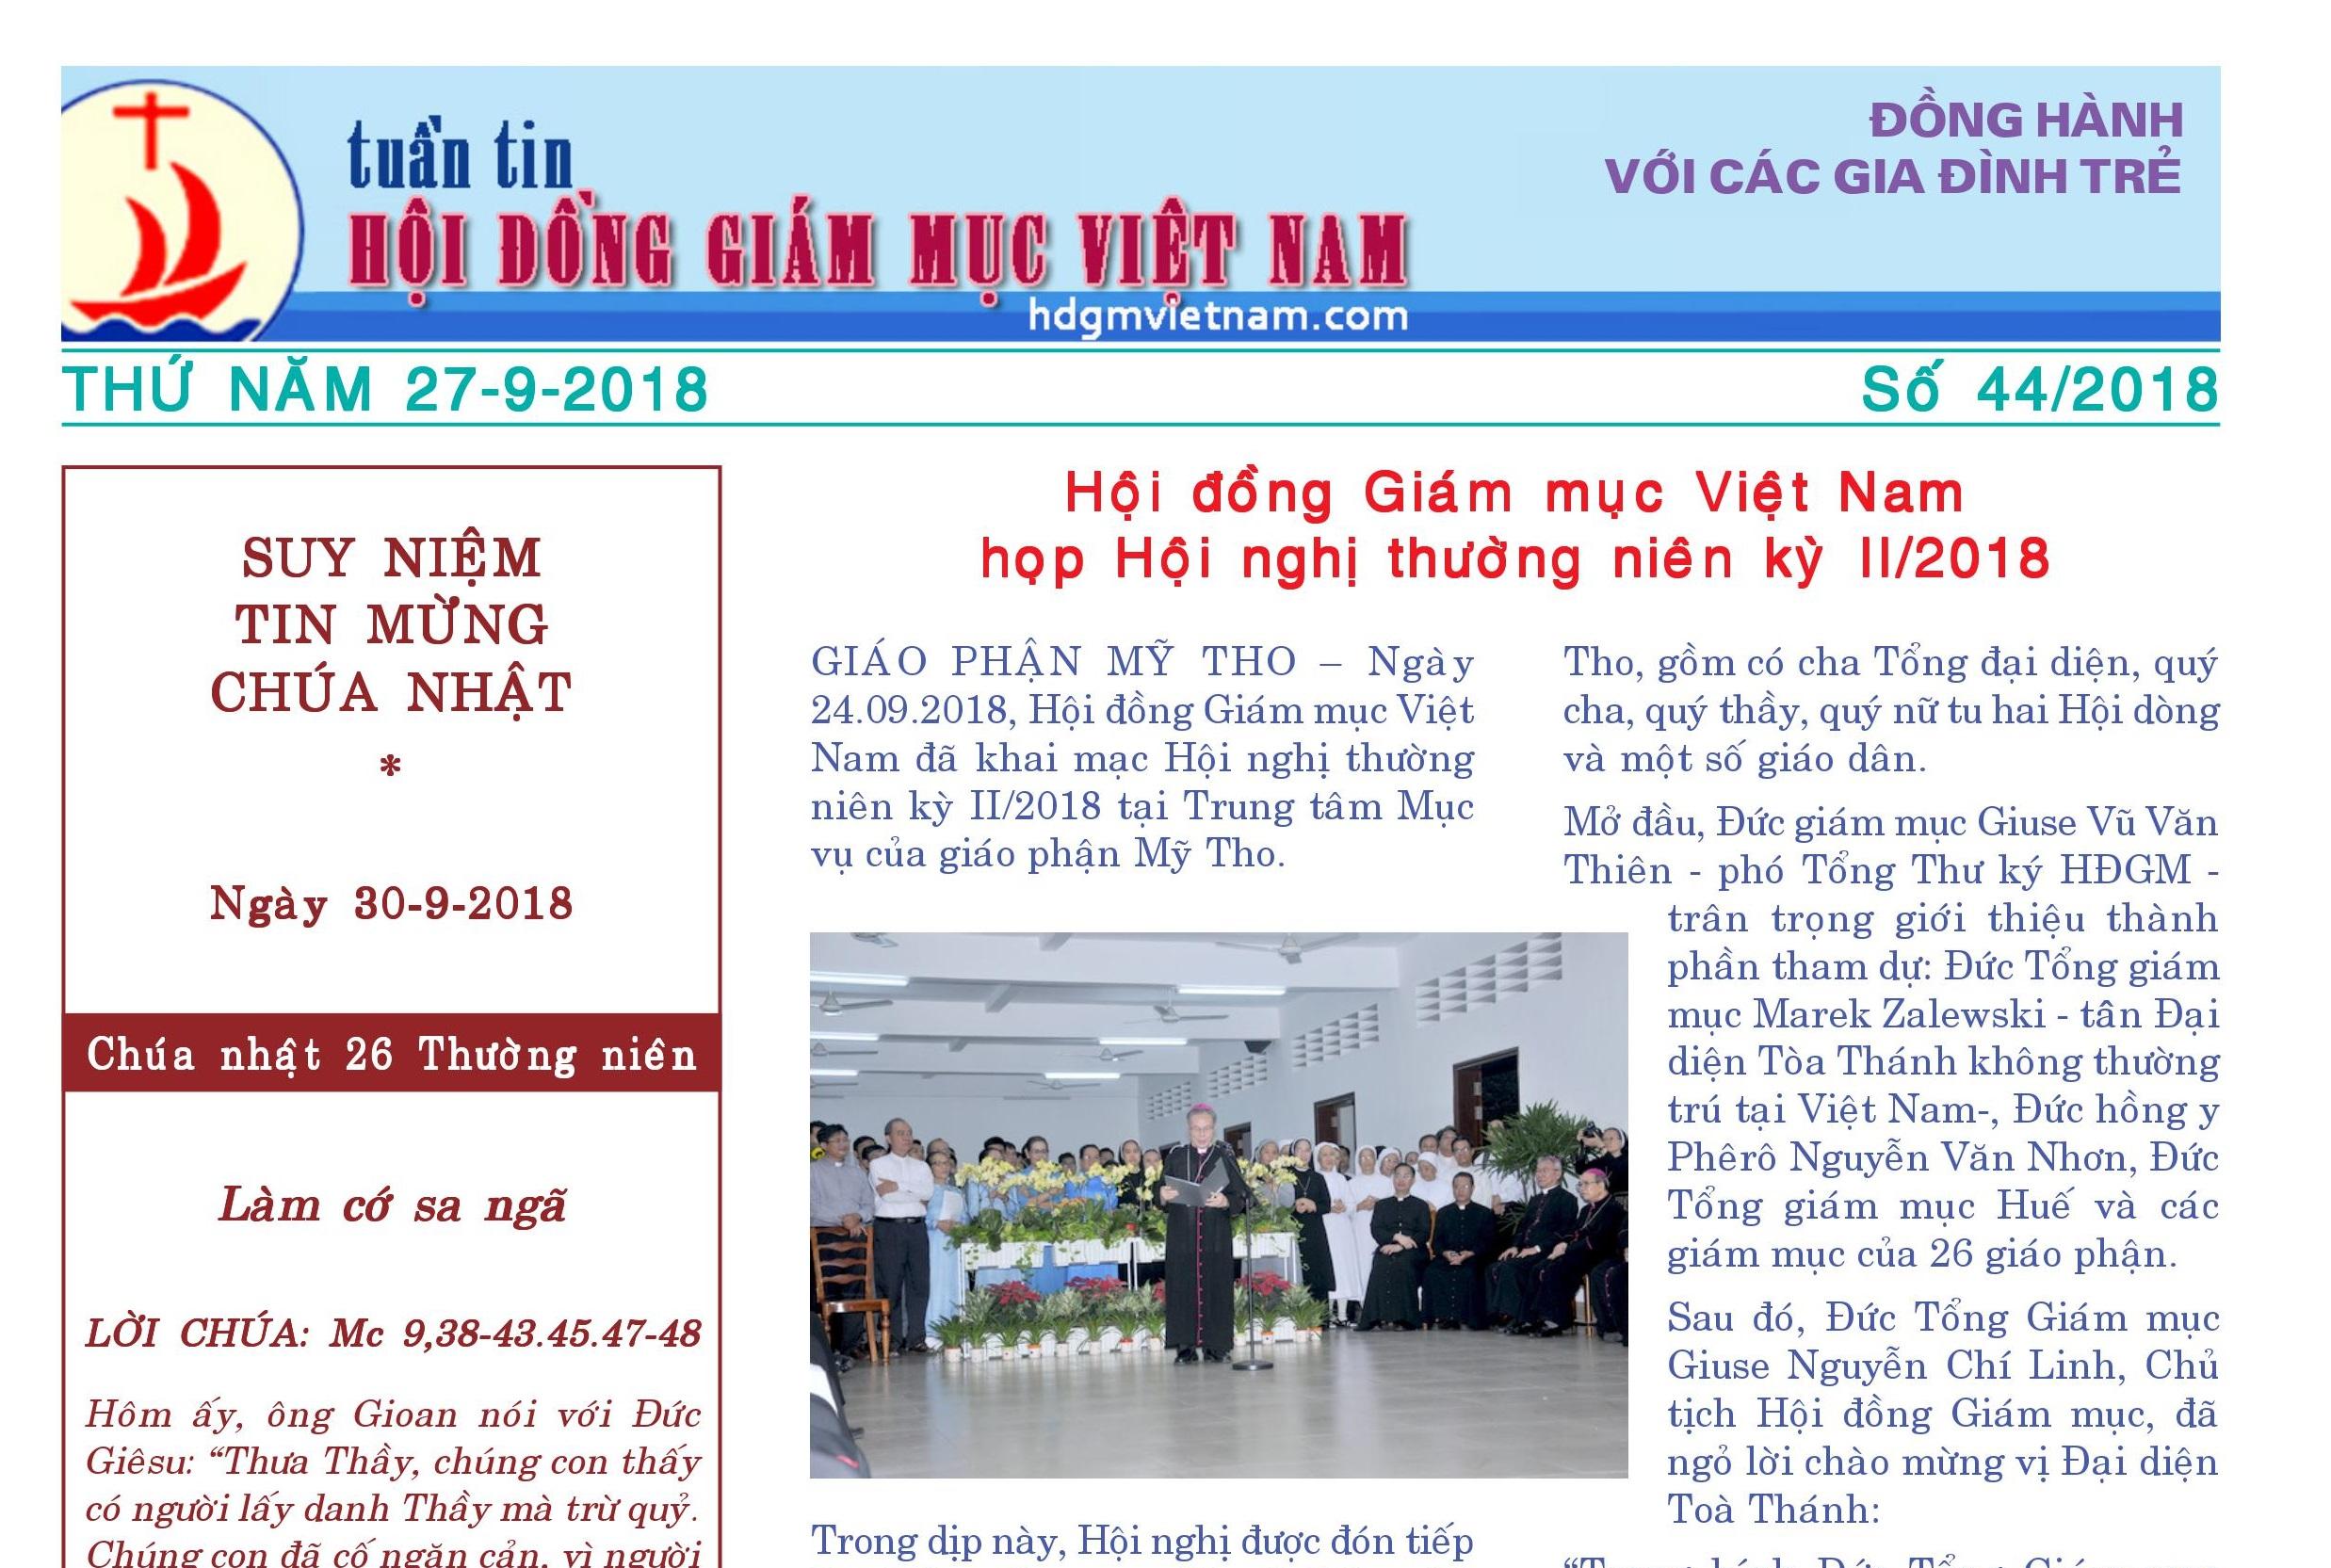 Tuần tin Hội đồng Giám mục Việt Nam số 44/2018